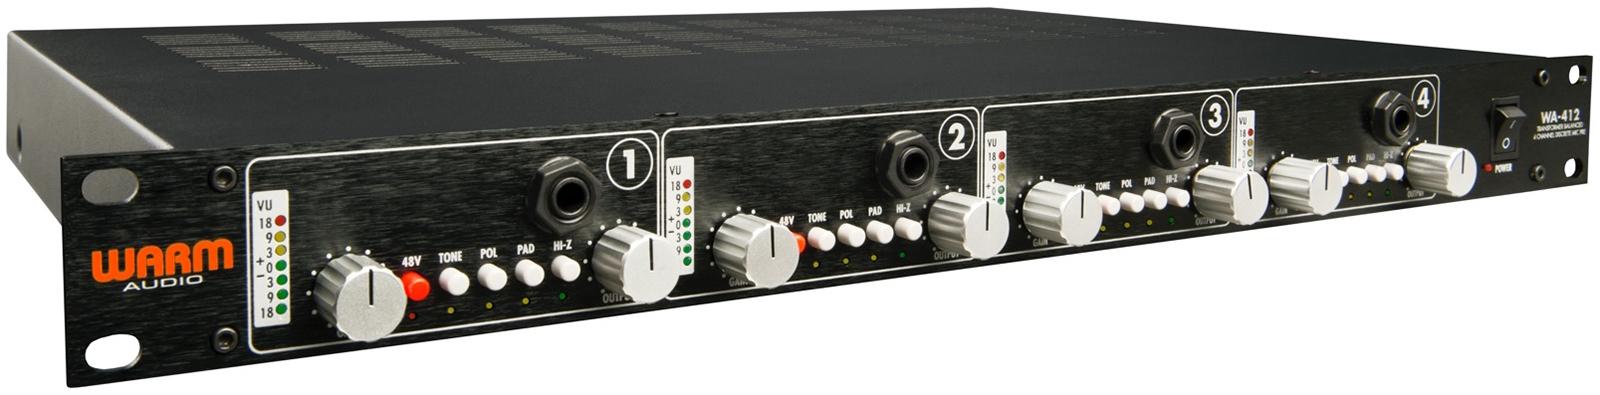 WA-412 - 4-kanałowy Preamp Mikrofonowy